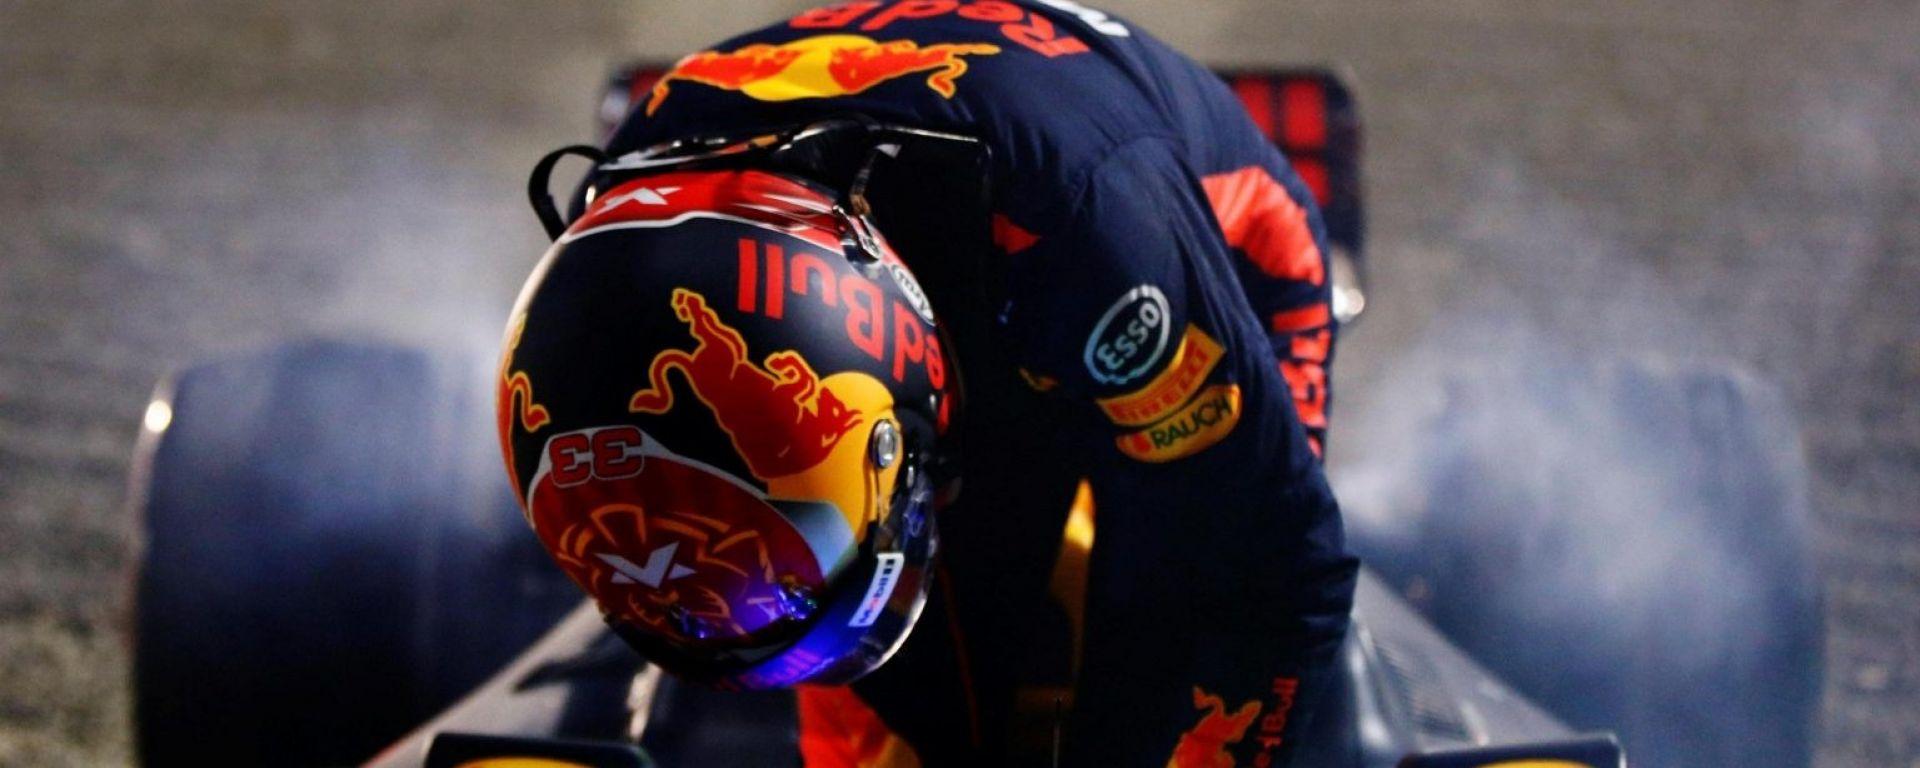 Verstappen scende dalla sua Red Bull dopo il cedimento dei freni anteriori - GP Bahrain